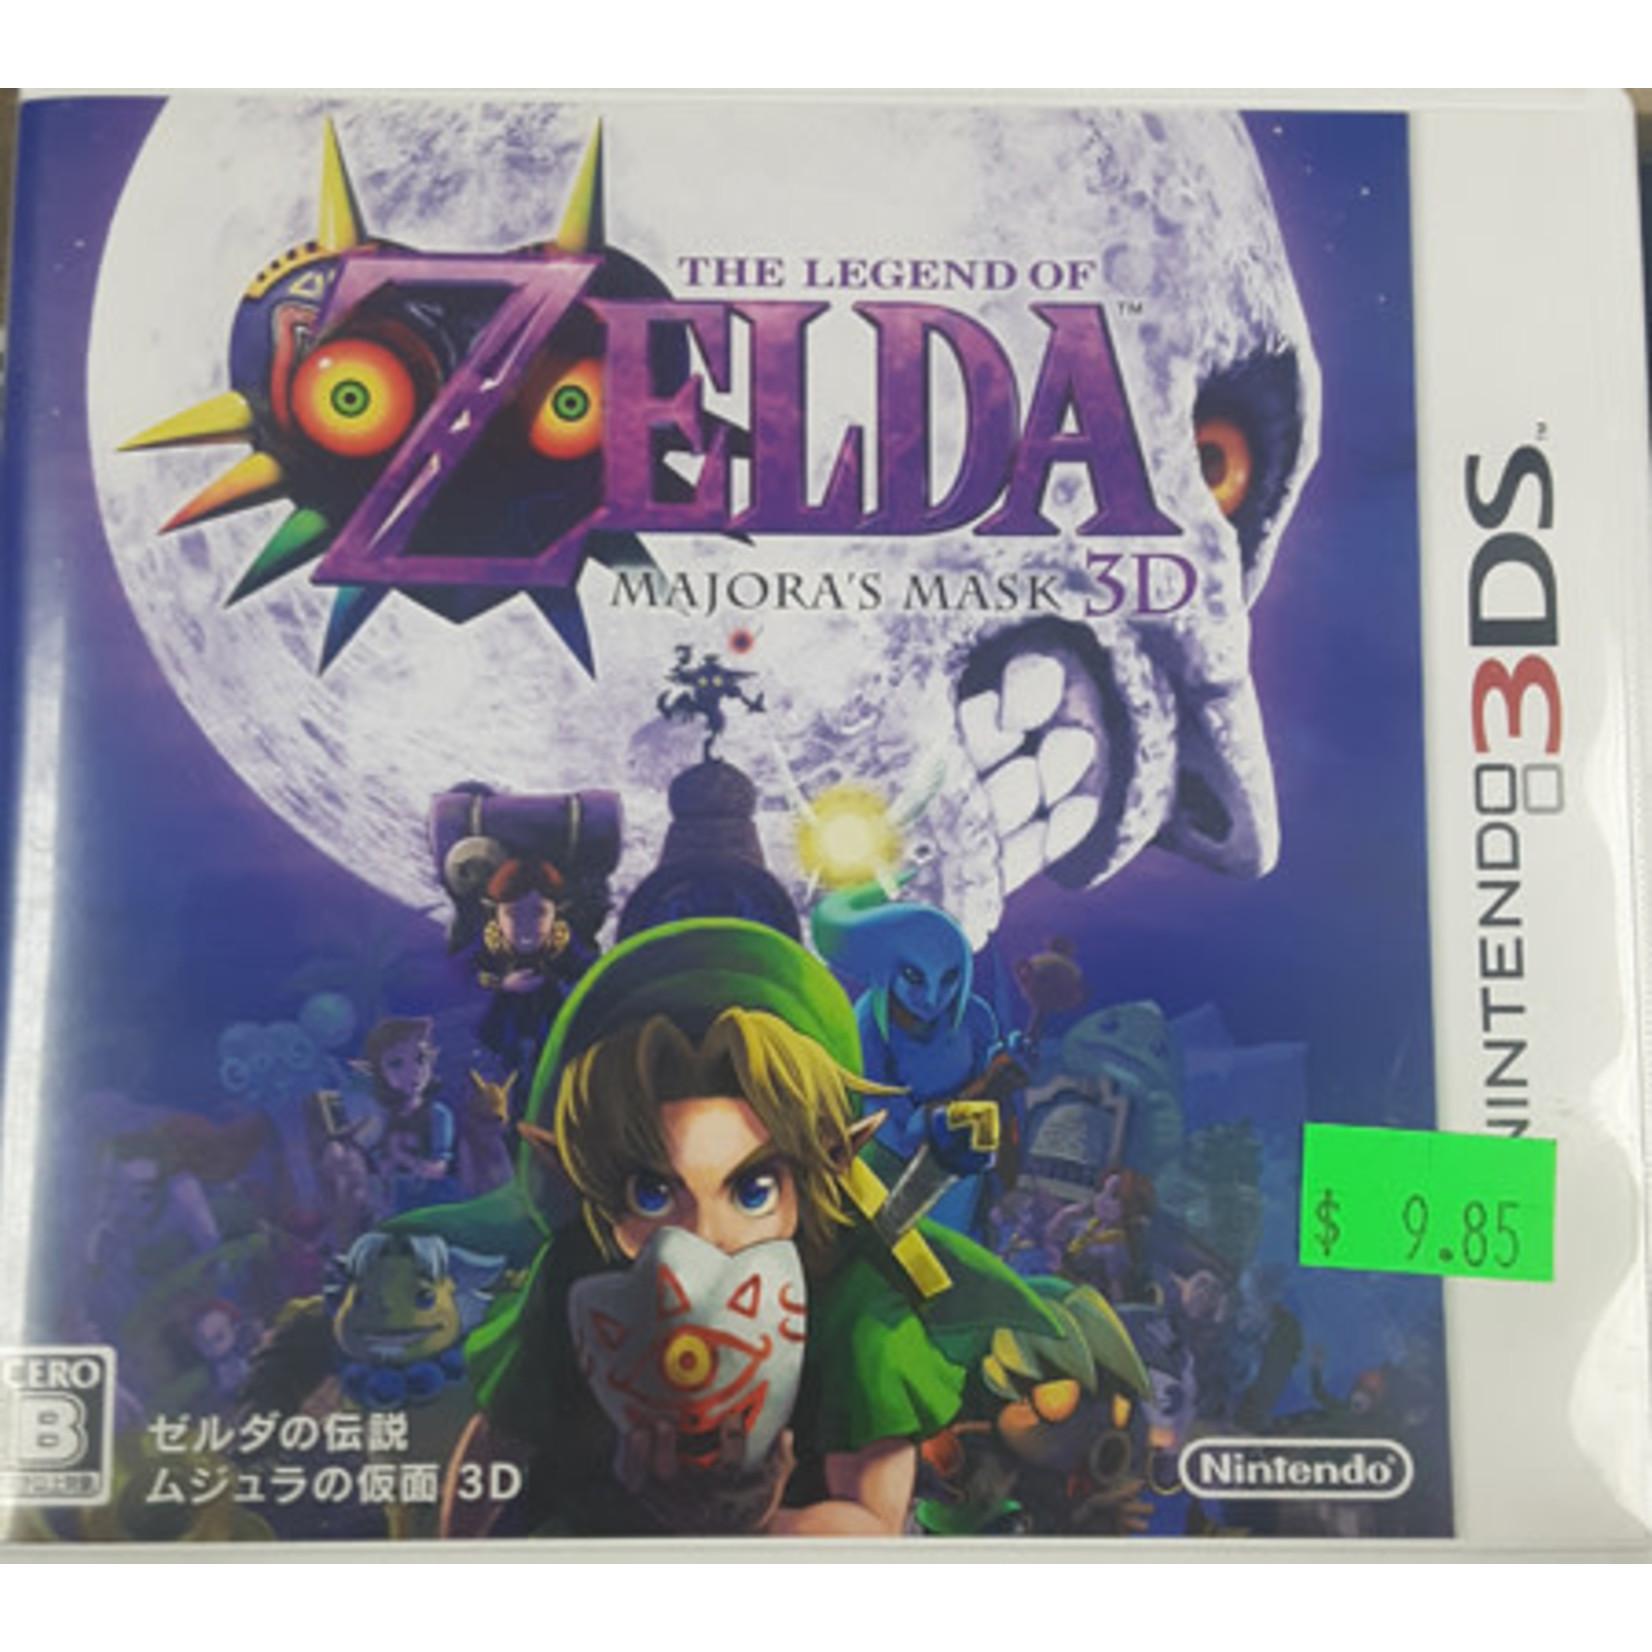 IMPORT-3DSU-The Legend of Zelda Majora's Mask 3D